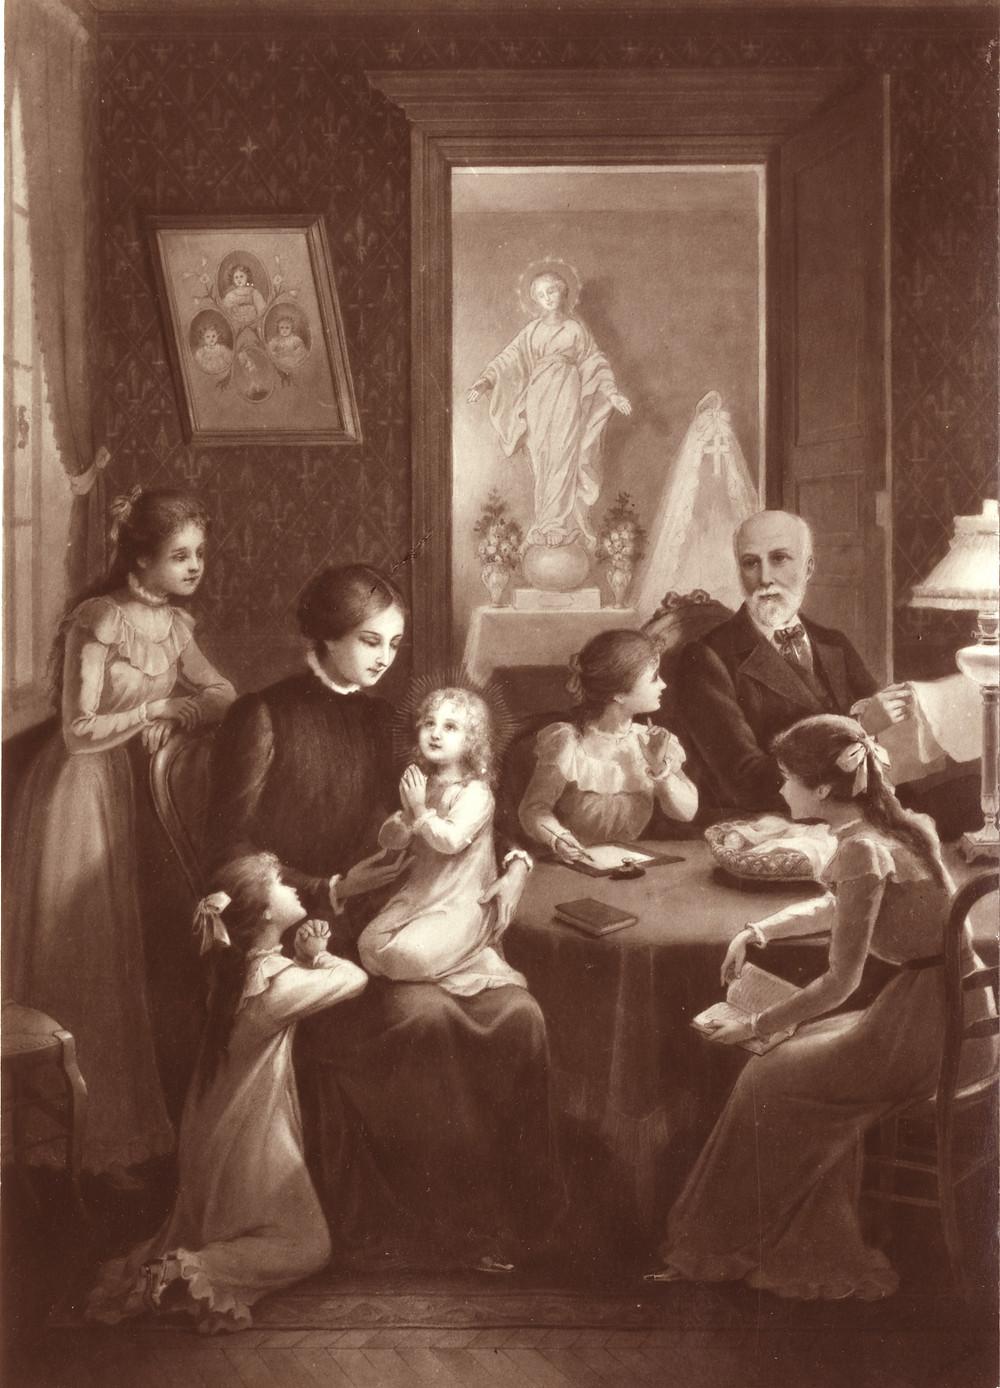 Família de Luís e Zélia Martin. No fundo, uma fotografia dos filhos que já haviam falecido.